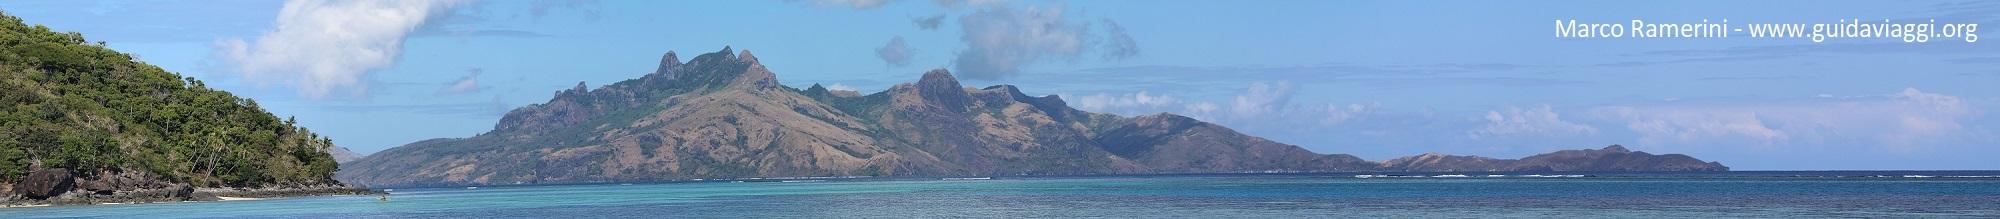 Les montagnes de l'île Waya, îles Yasawa, Fidji. Auteur et Copyright Marco Ramerini